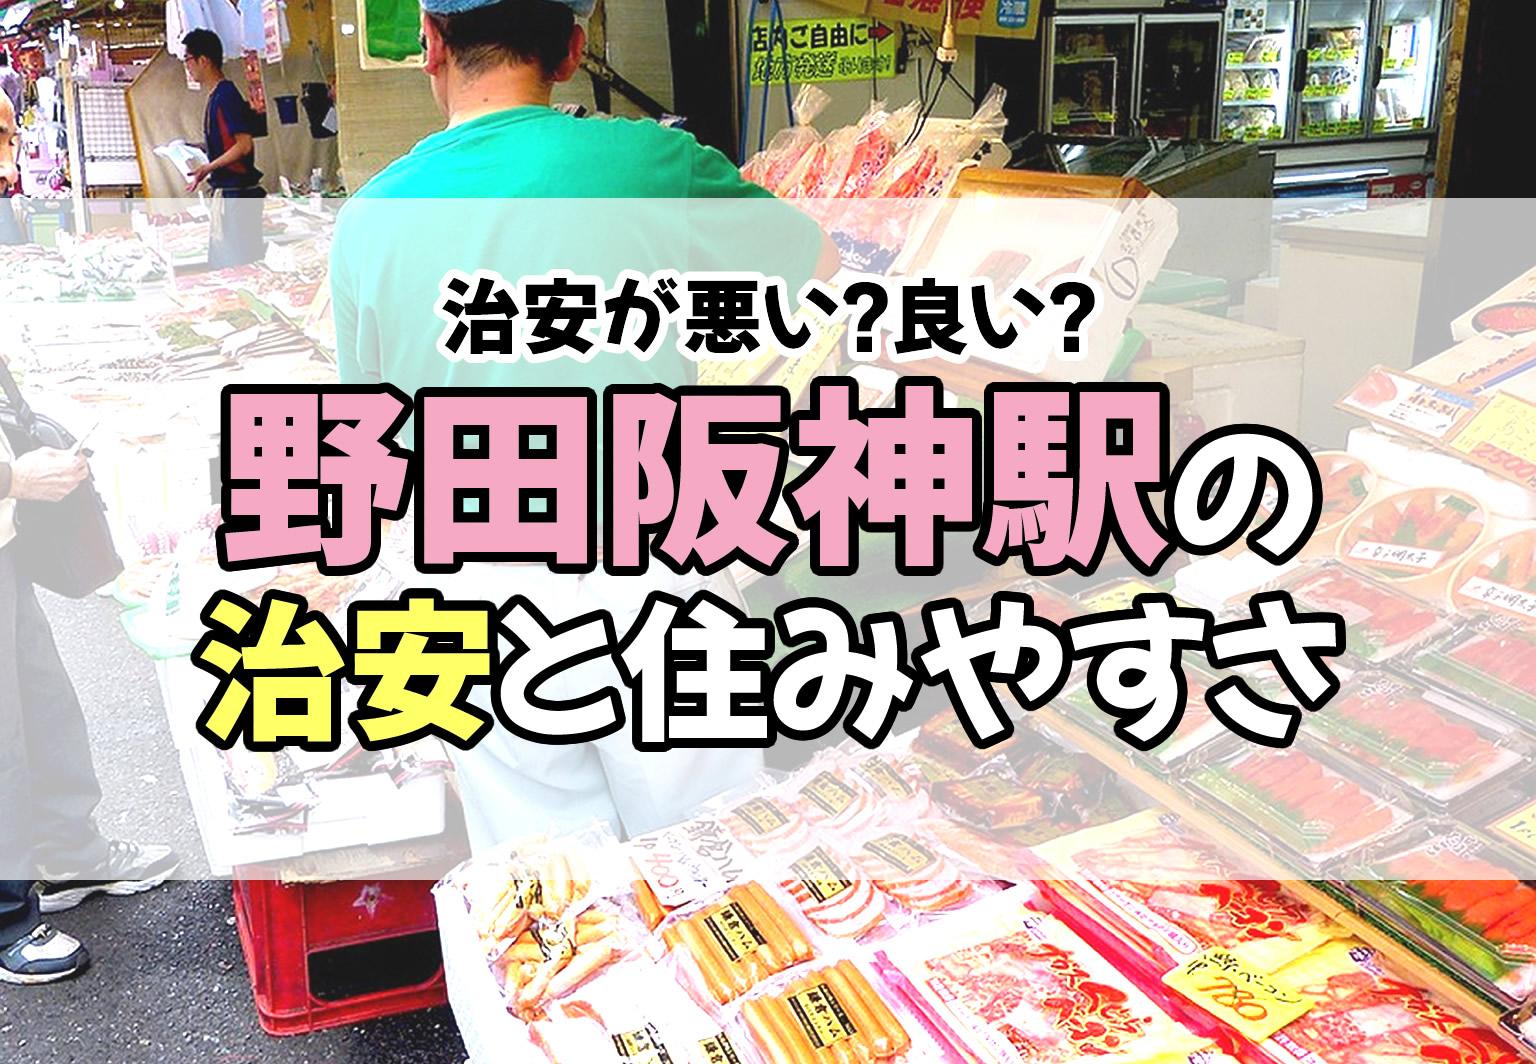 野田阪神駅の治安